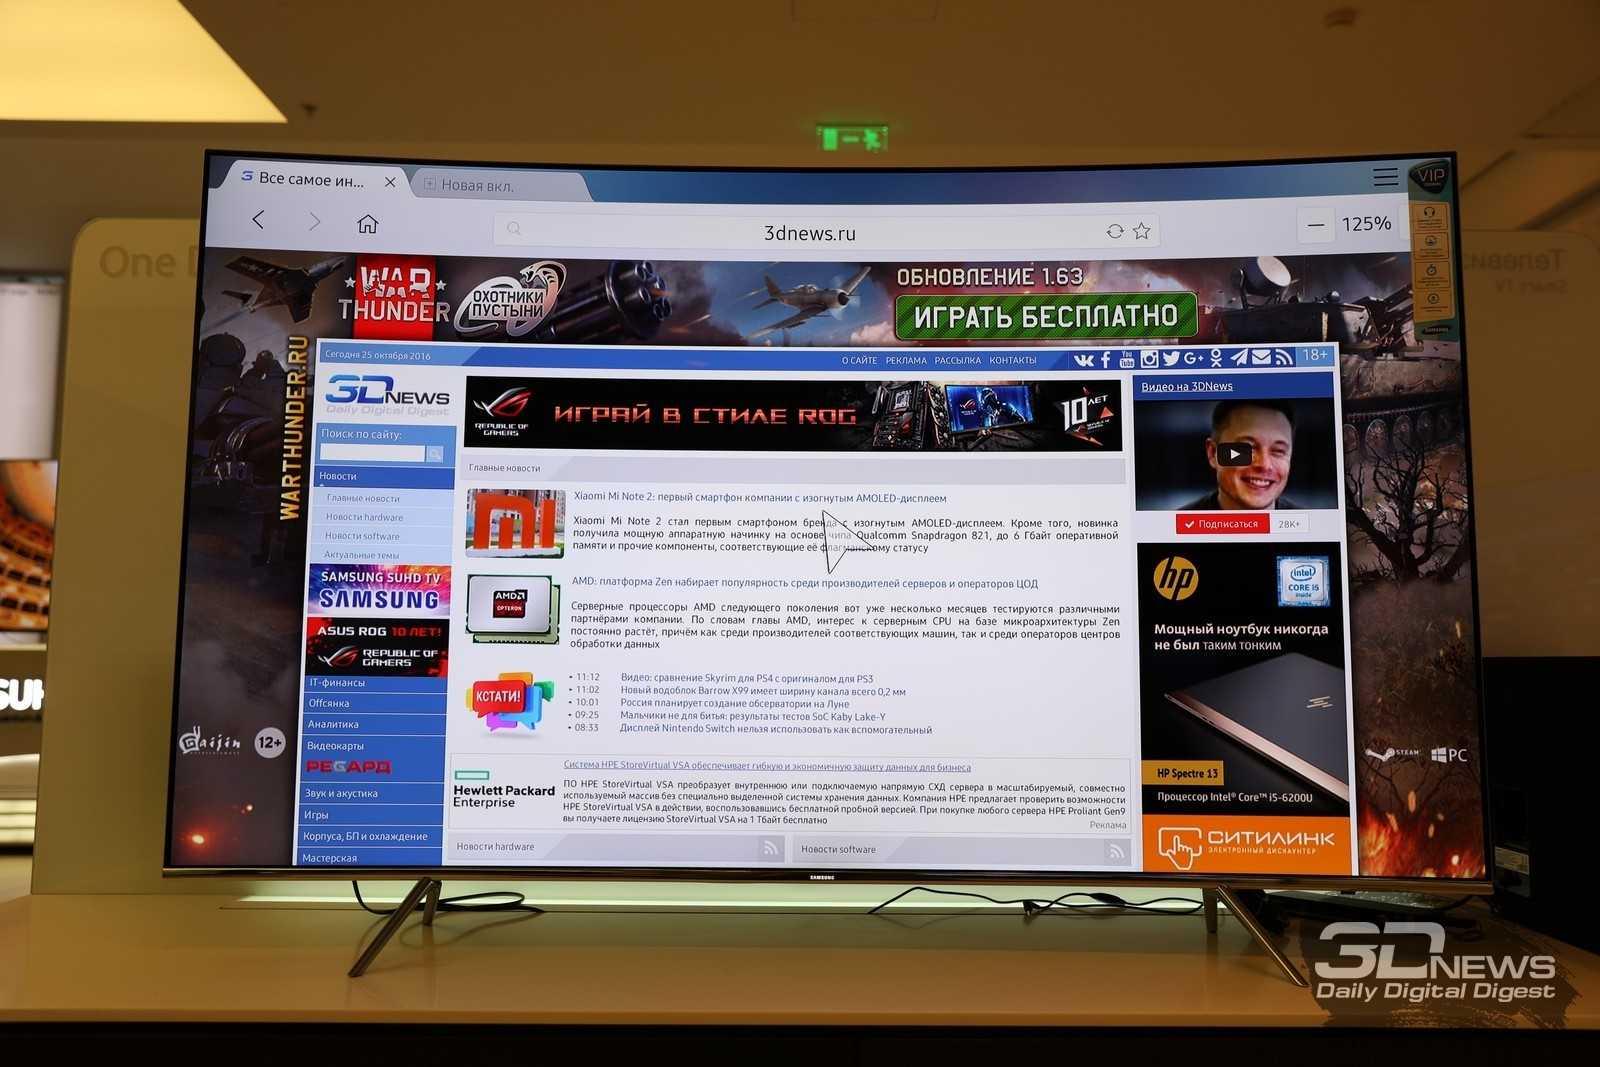 Как я пошёл покупать телевизор xiaomi, а купил hisense